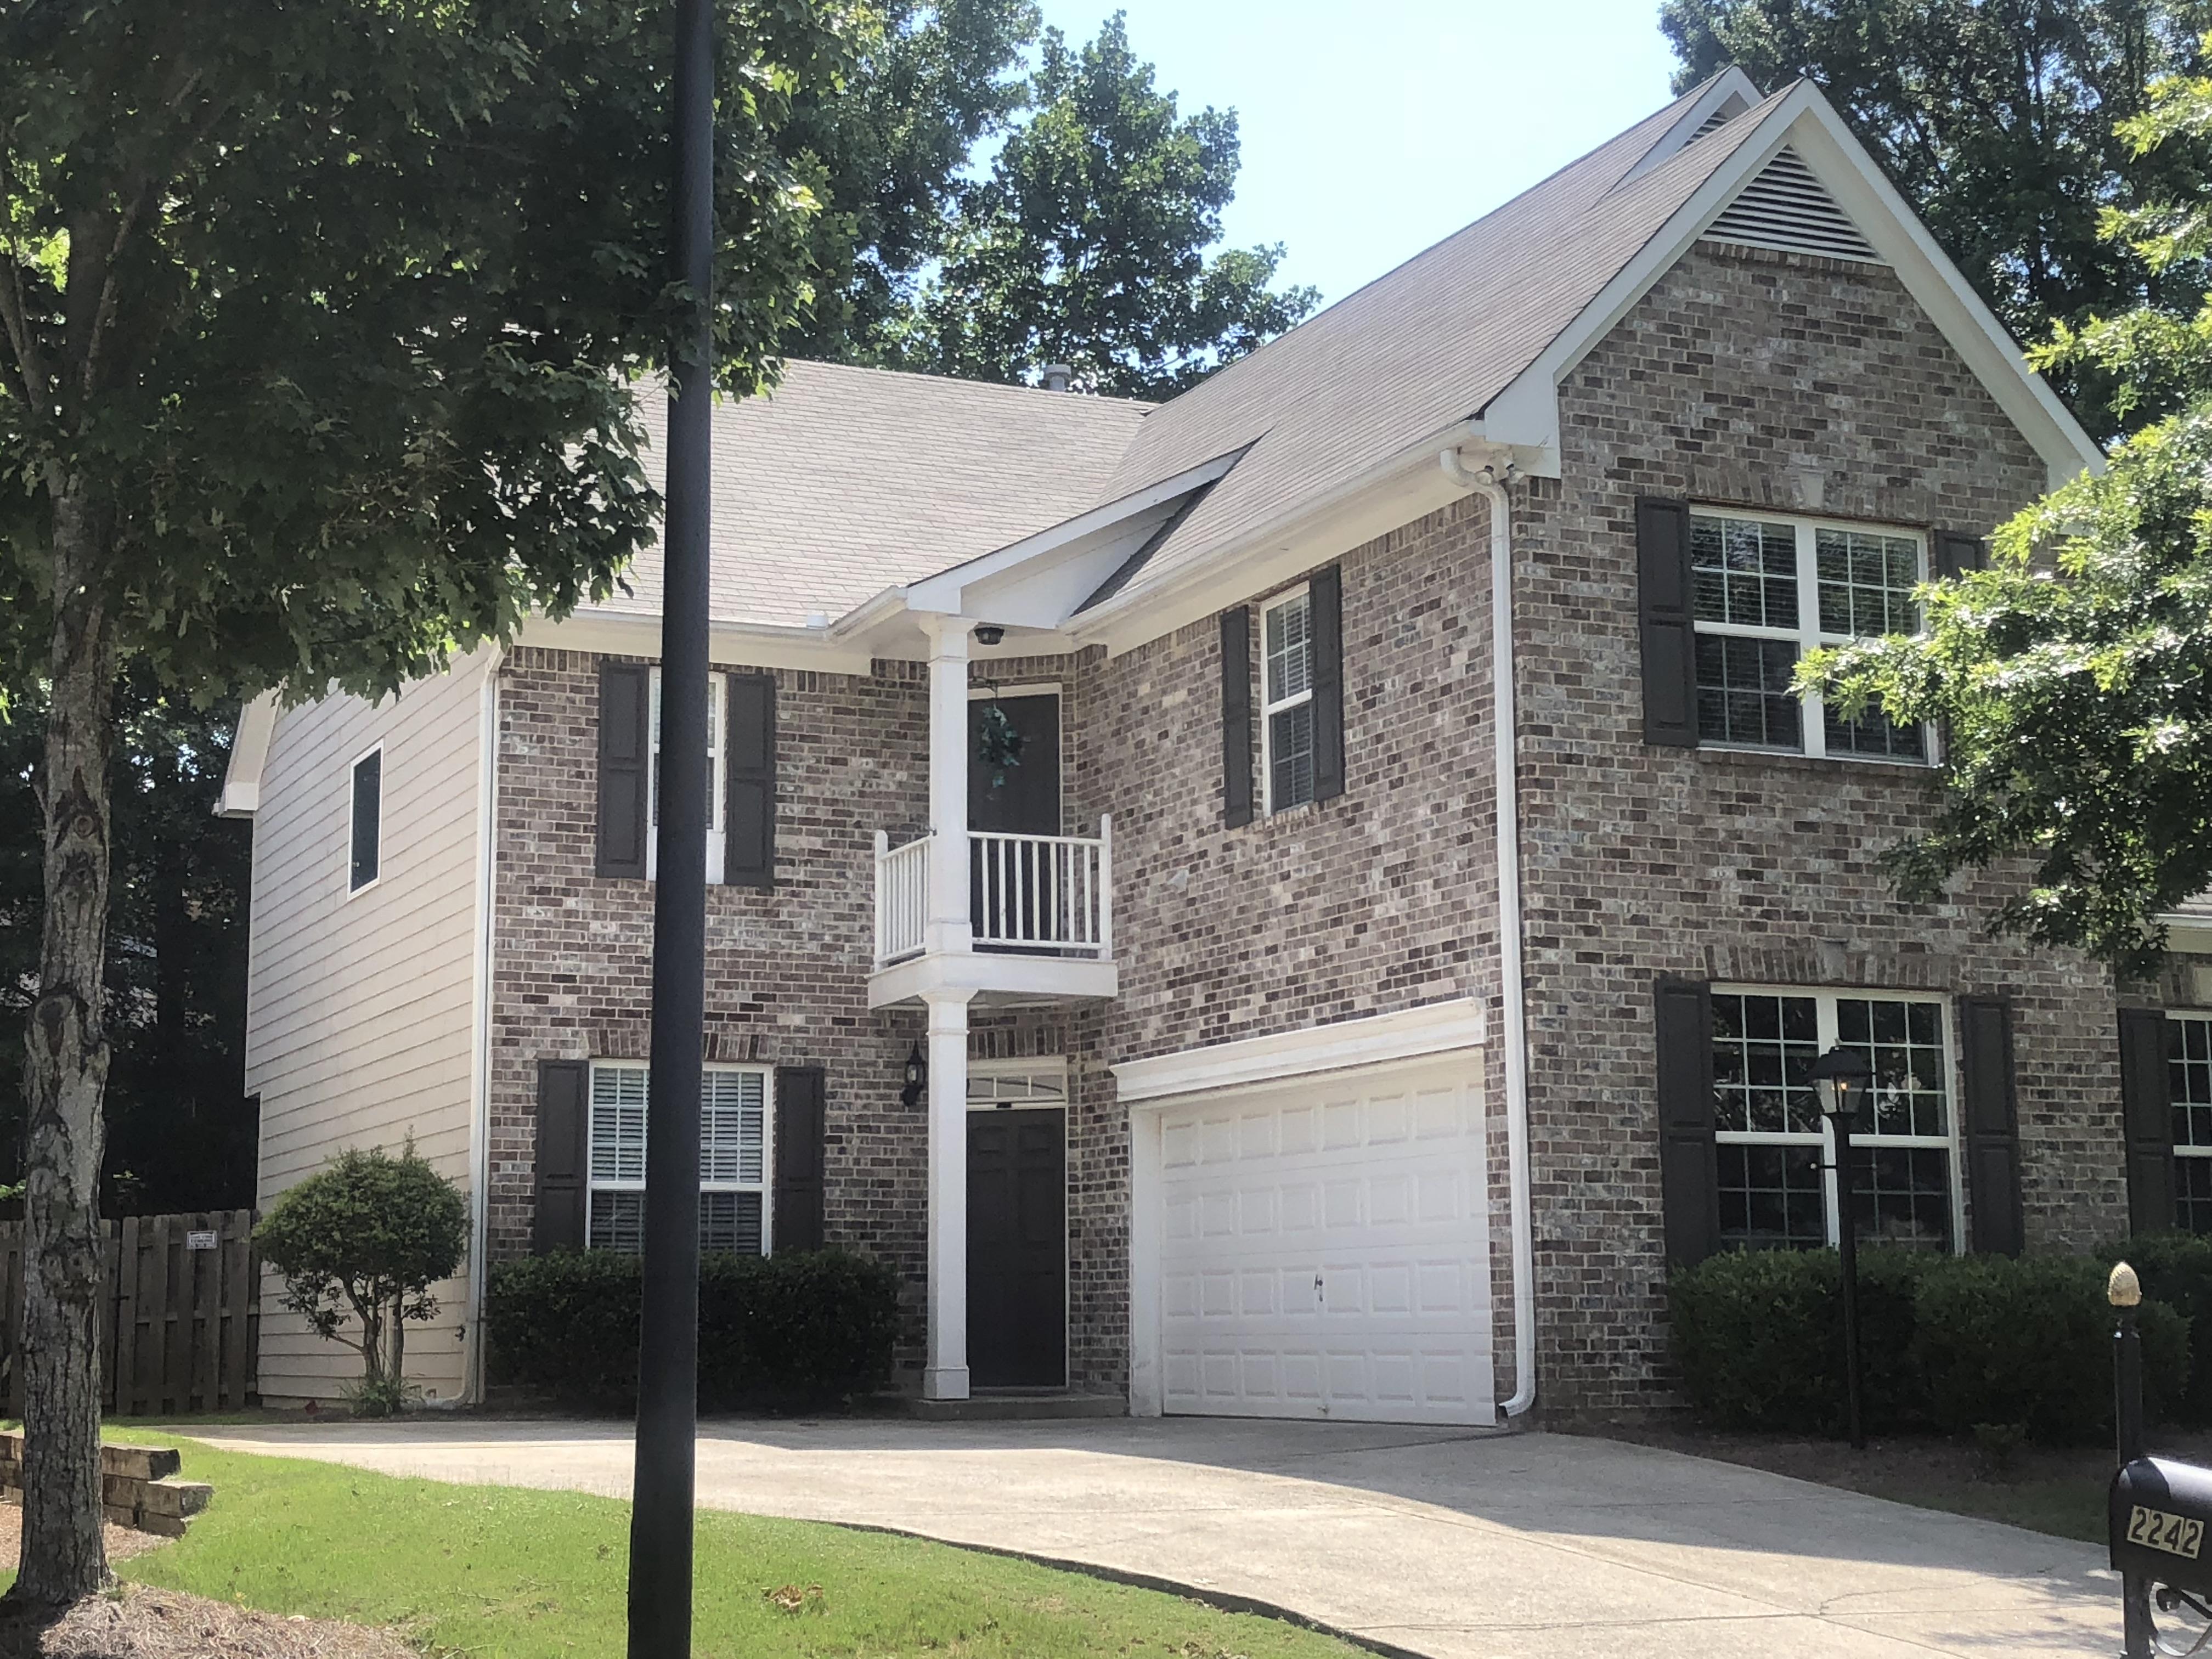 Photo of 2242 Rosemoore Walk, Marietta, GA, 30062